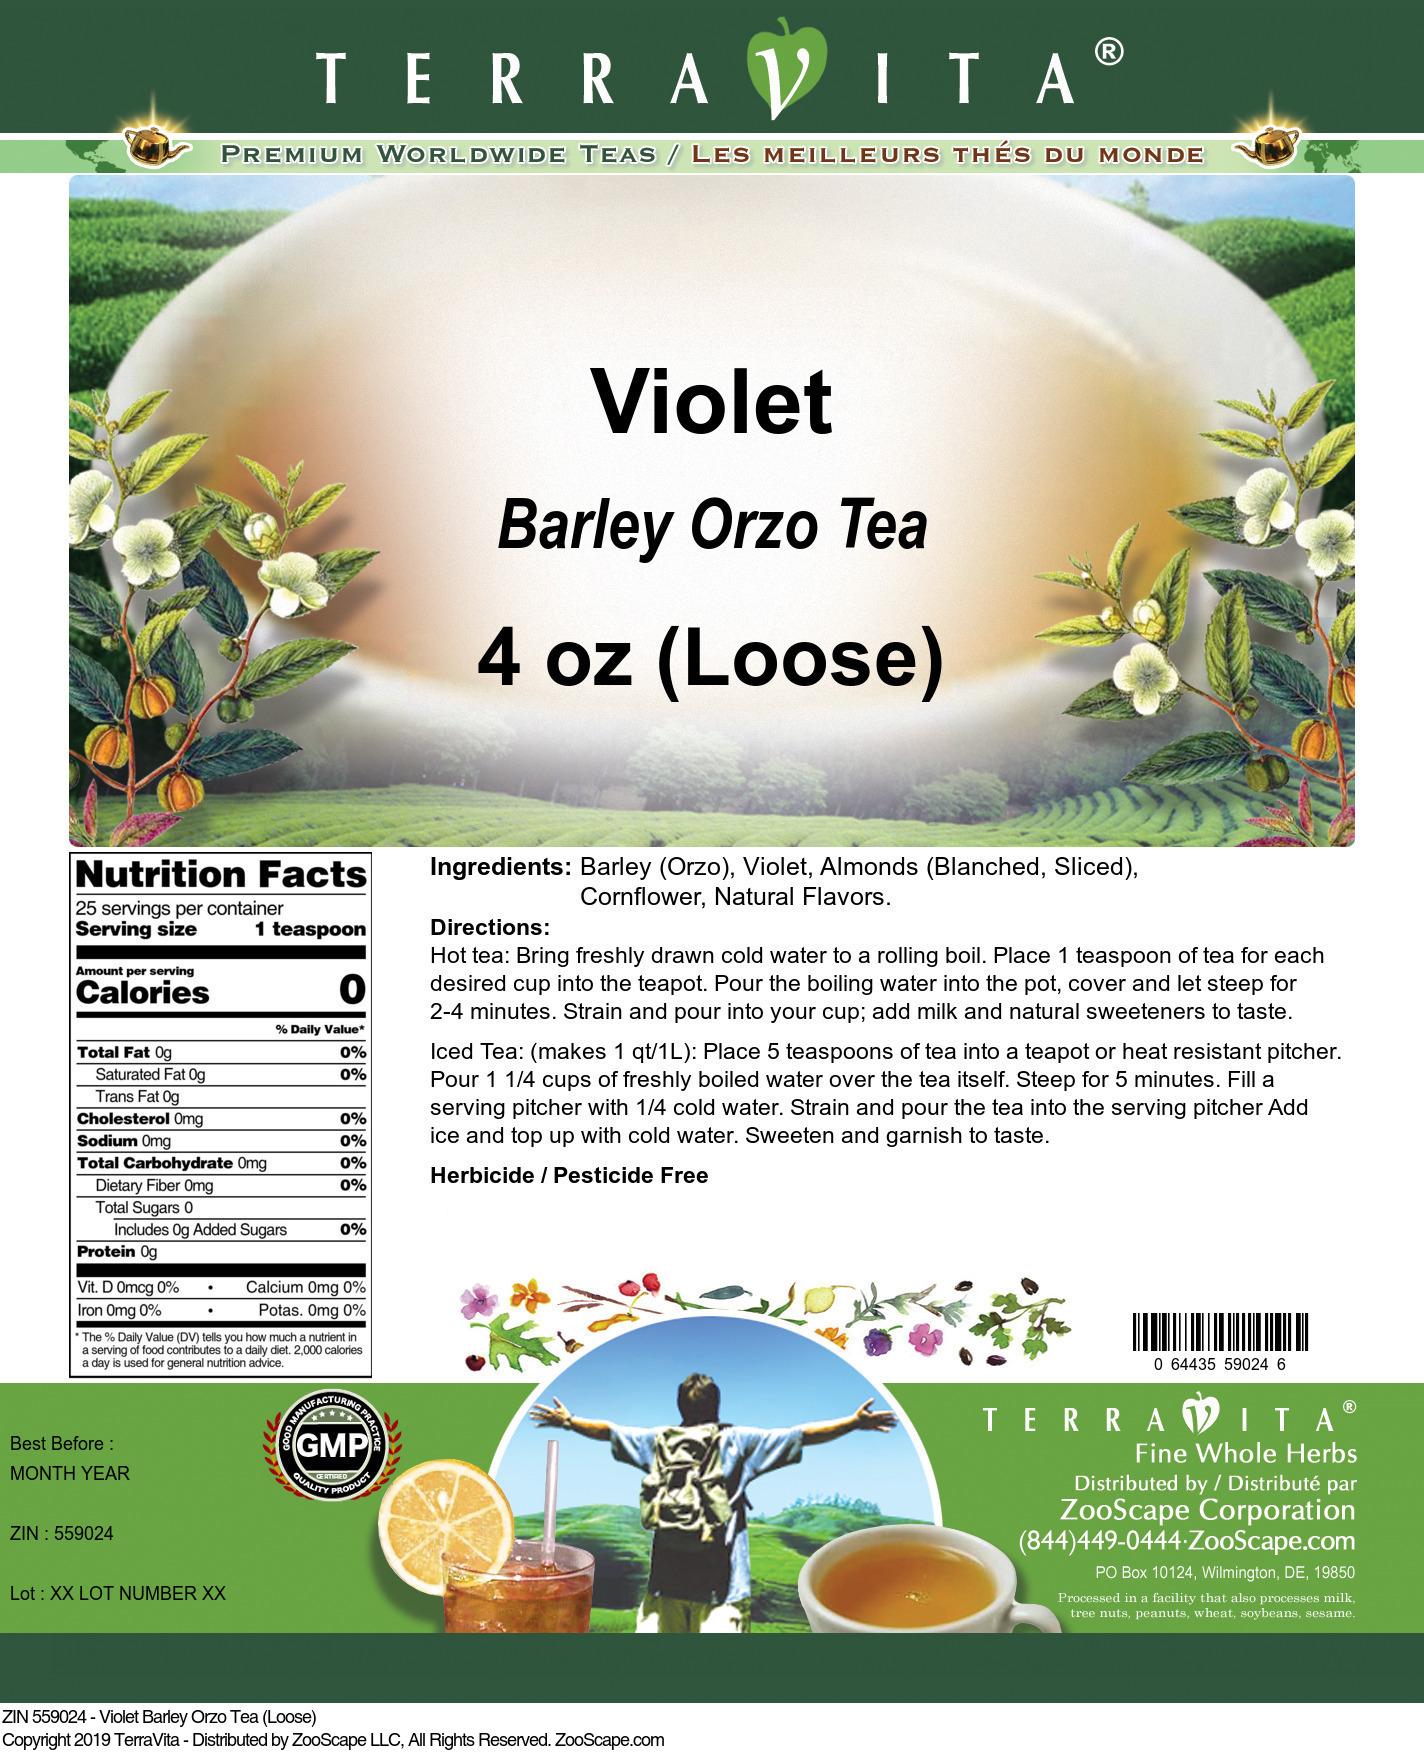 Violet Barley Orzo